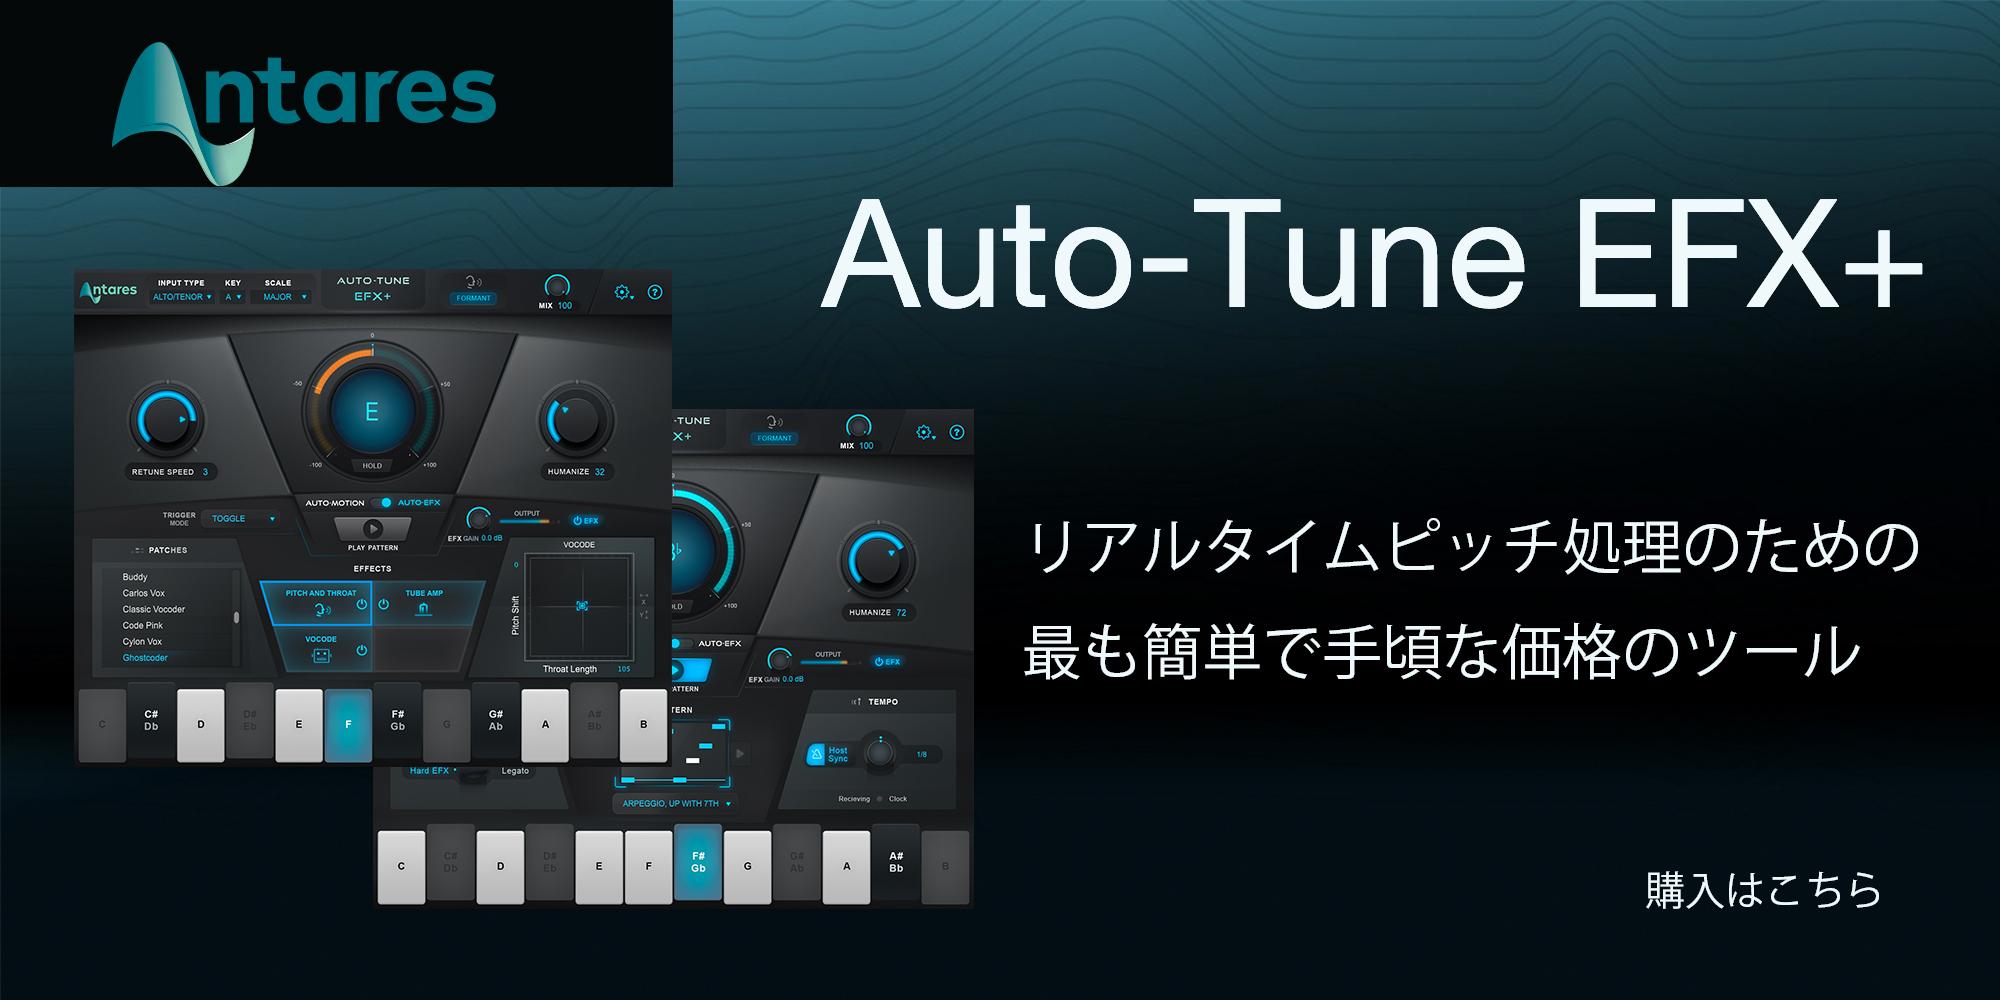 Auto-Tune EFX+